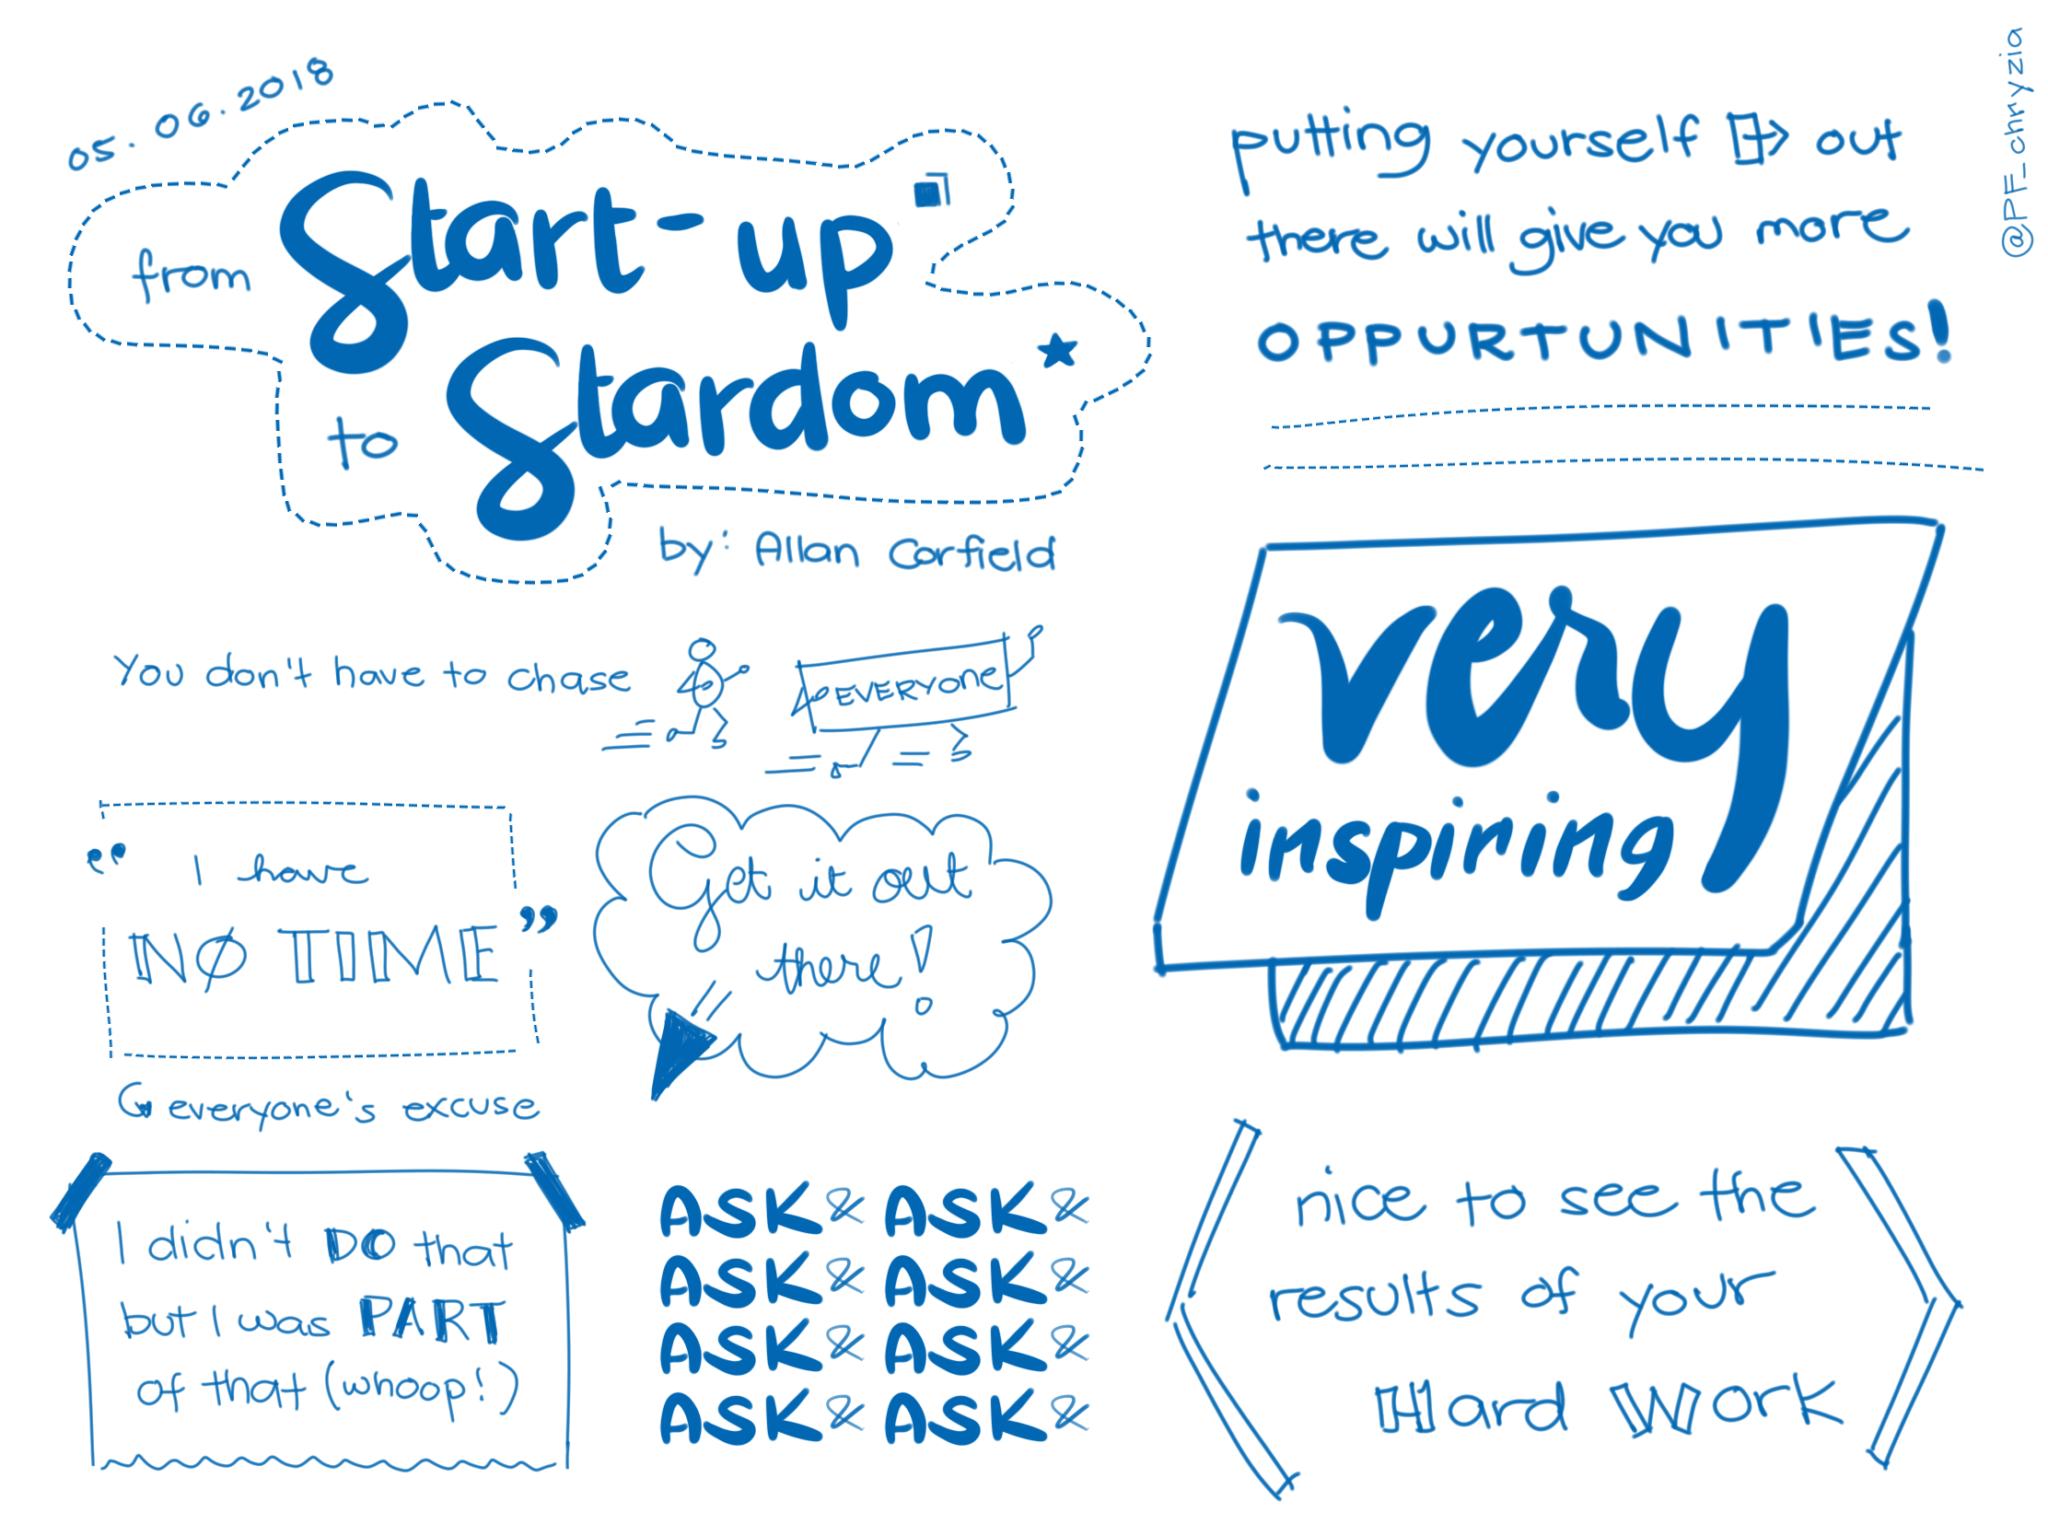 Start up to Stardom sketch note